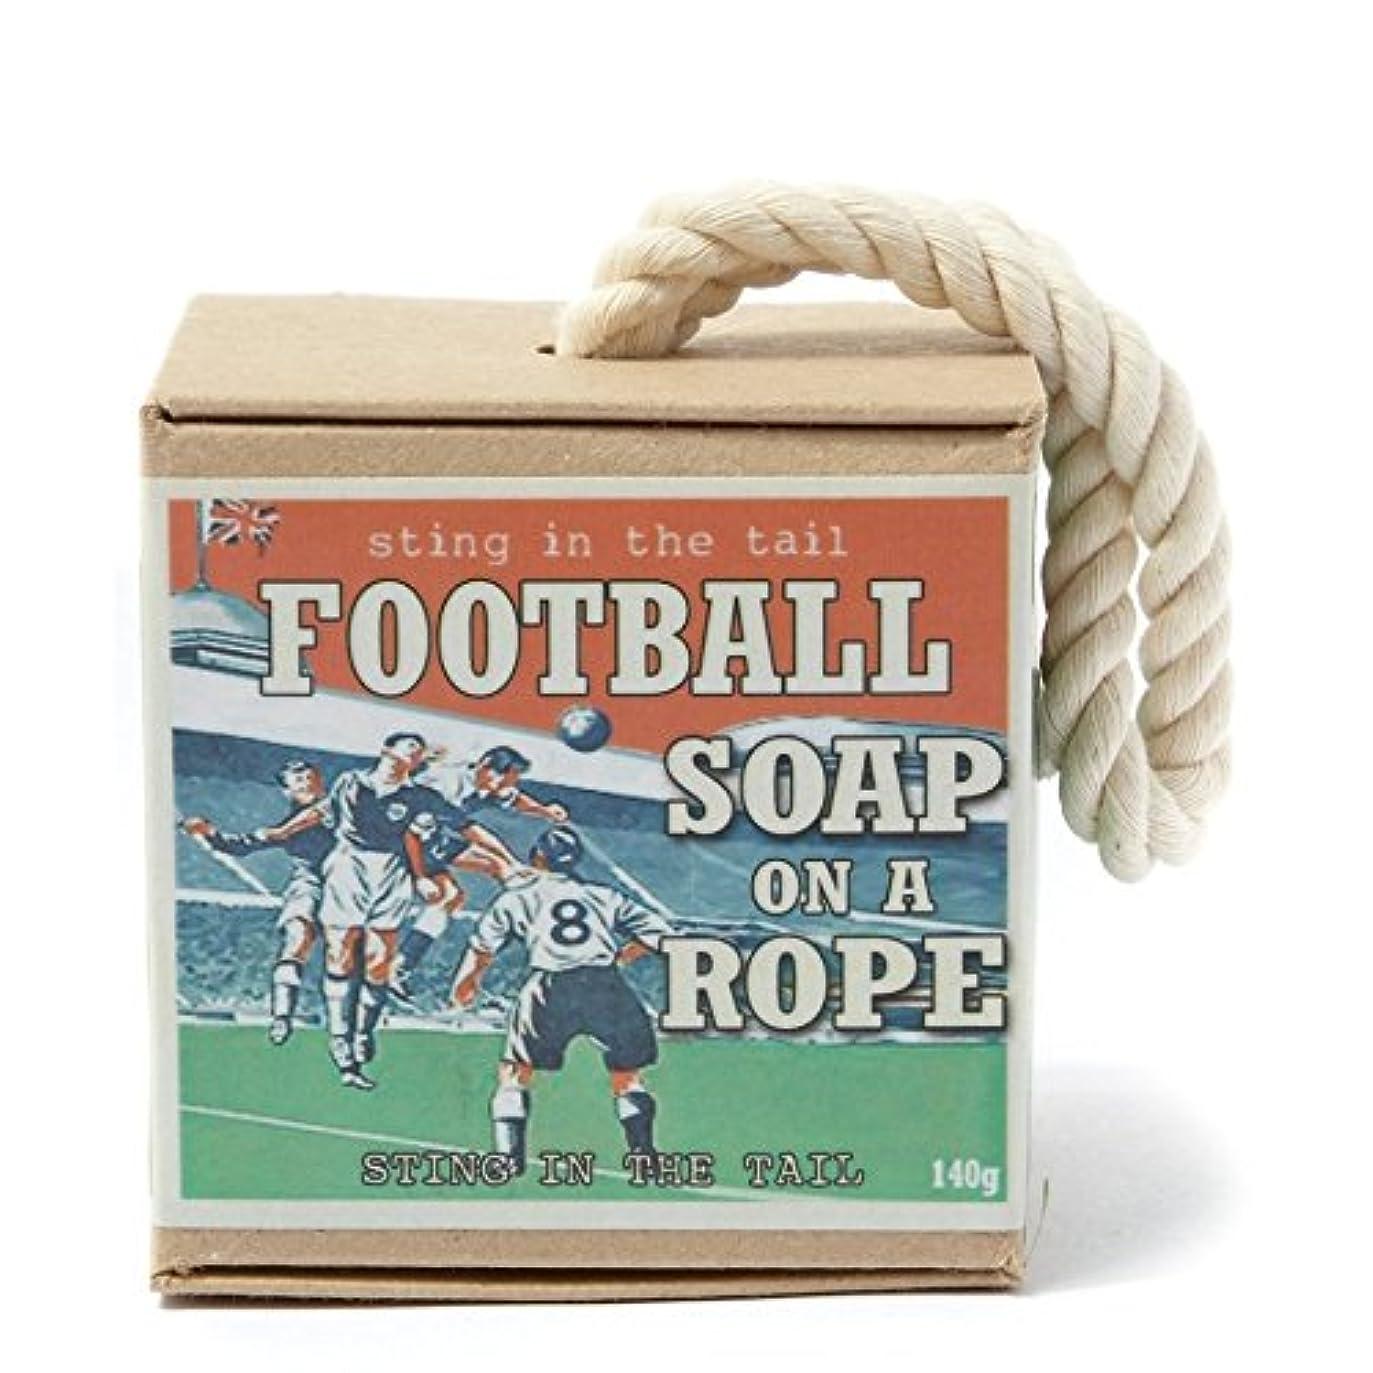 睡眠しゃがむブローホールSting In The Tail Football on a Rope Soap (Pack of 6) - ロープ石鹸のテールサッカーで刺します x6 [並行輸入品]